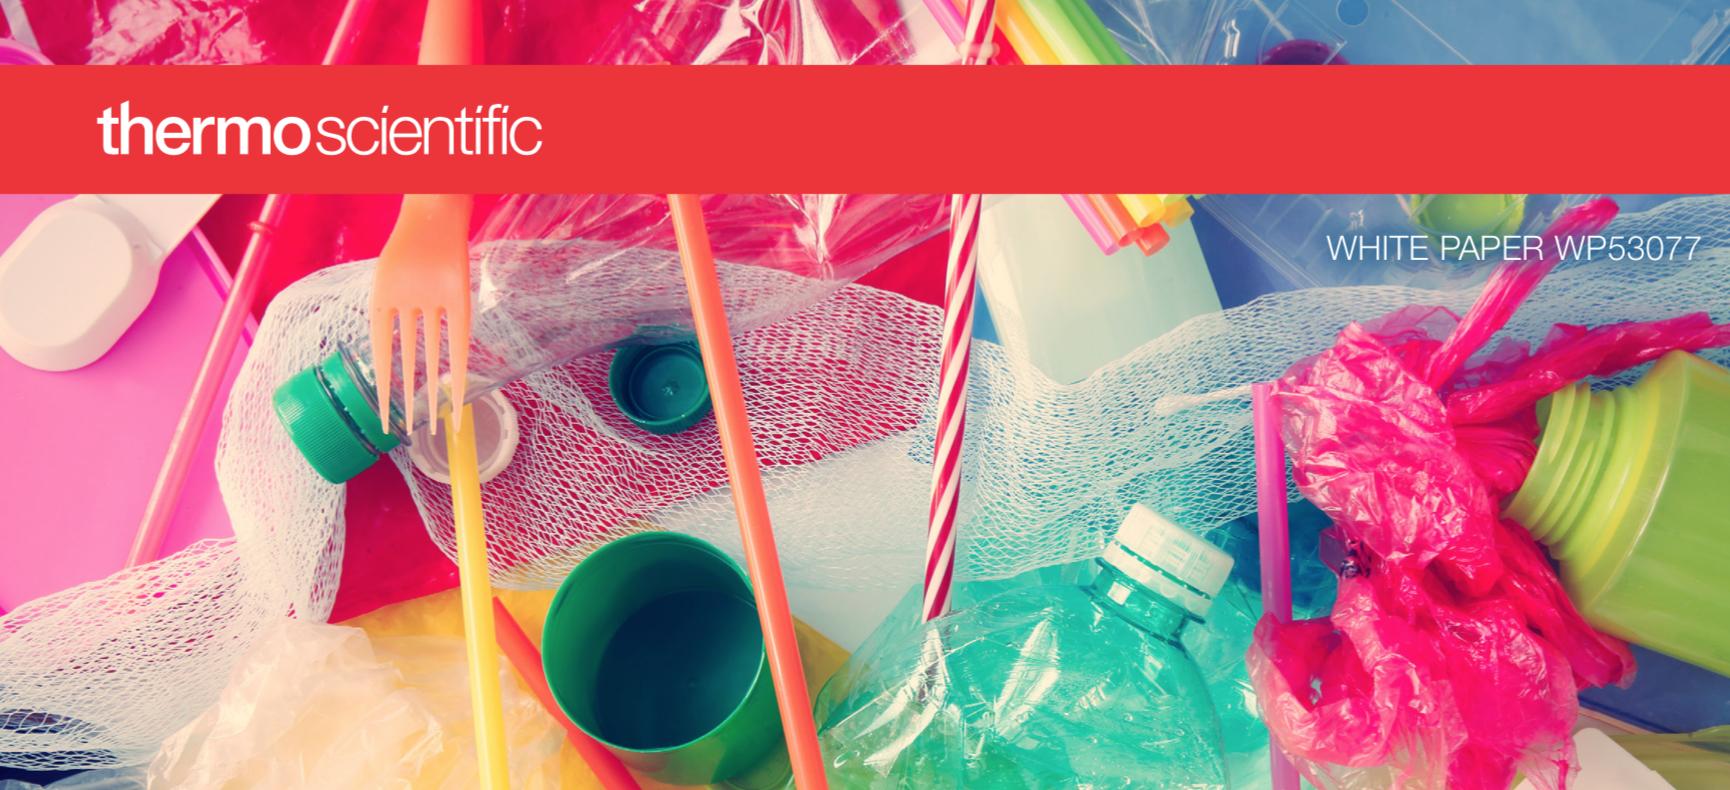 Guia para a identificação de microplásticos por espectroscopia FTIR e Raman